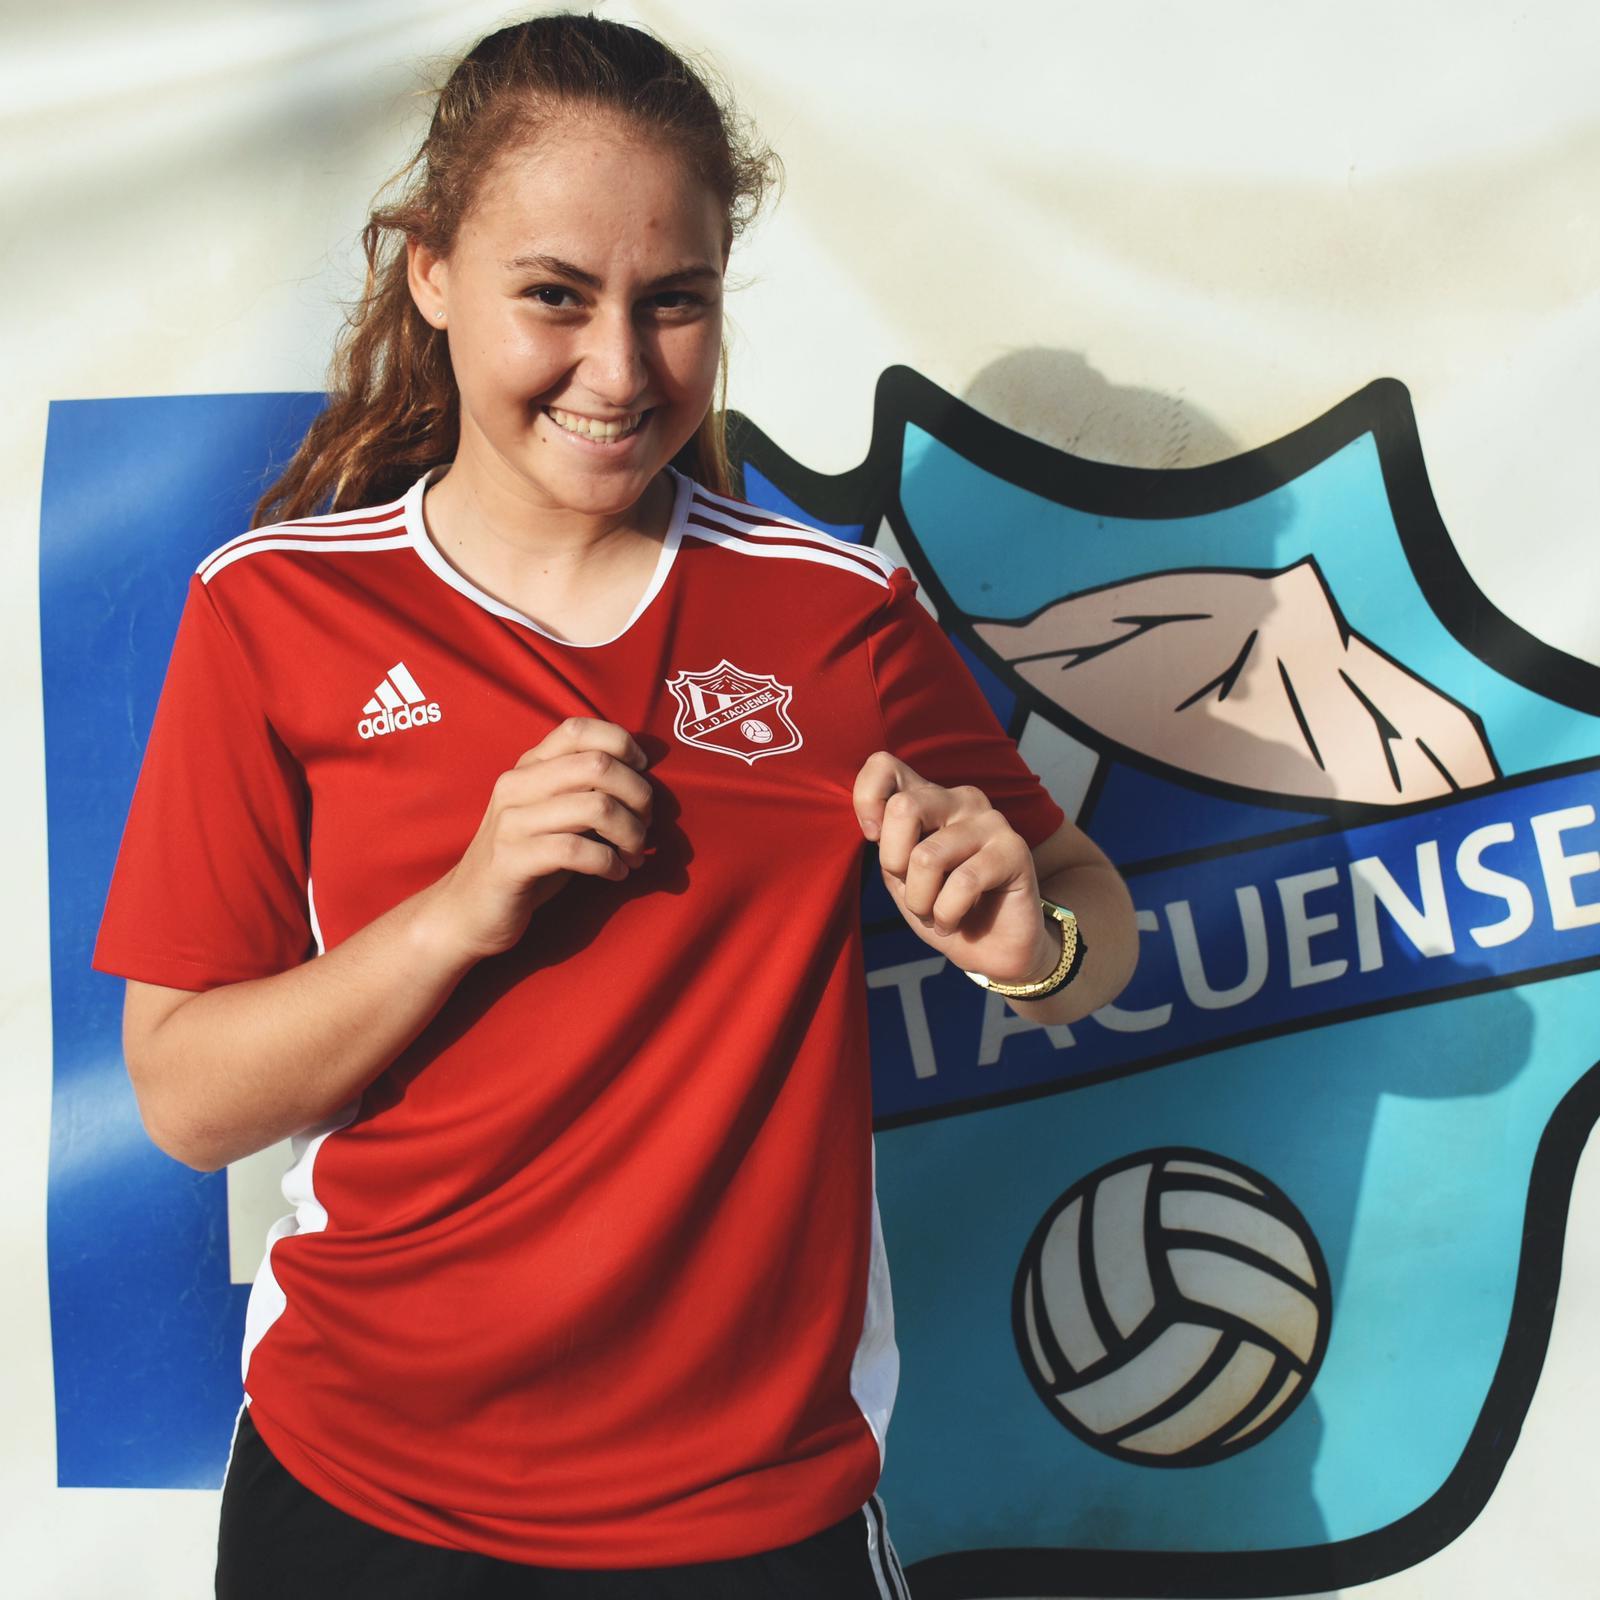 """Sara Niz: """"Estoy muy orgullosa de representar al Tacuense en la selección española"""""""